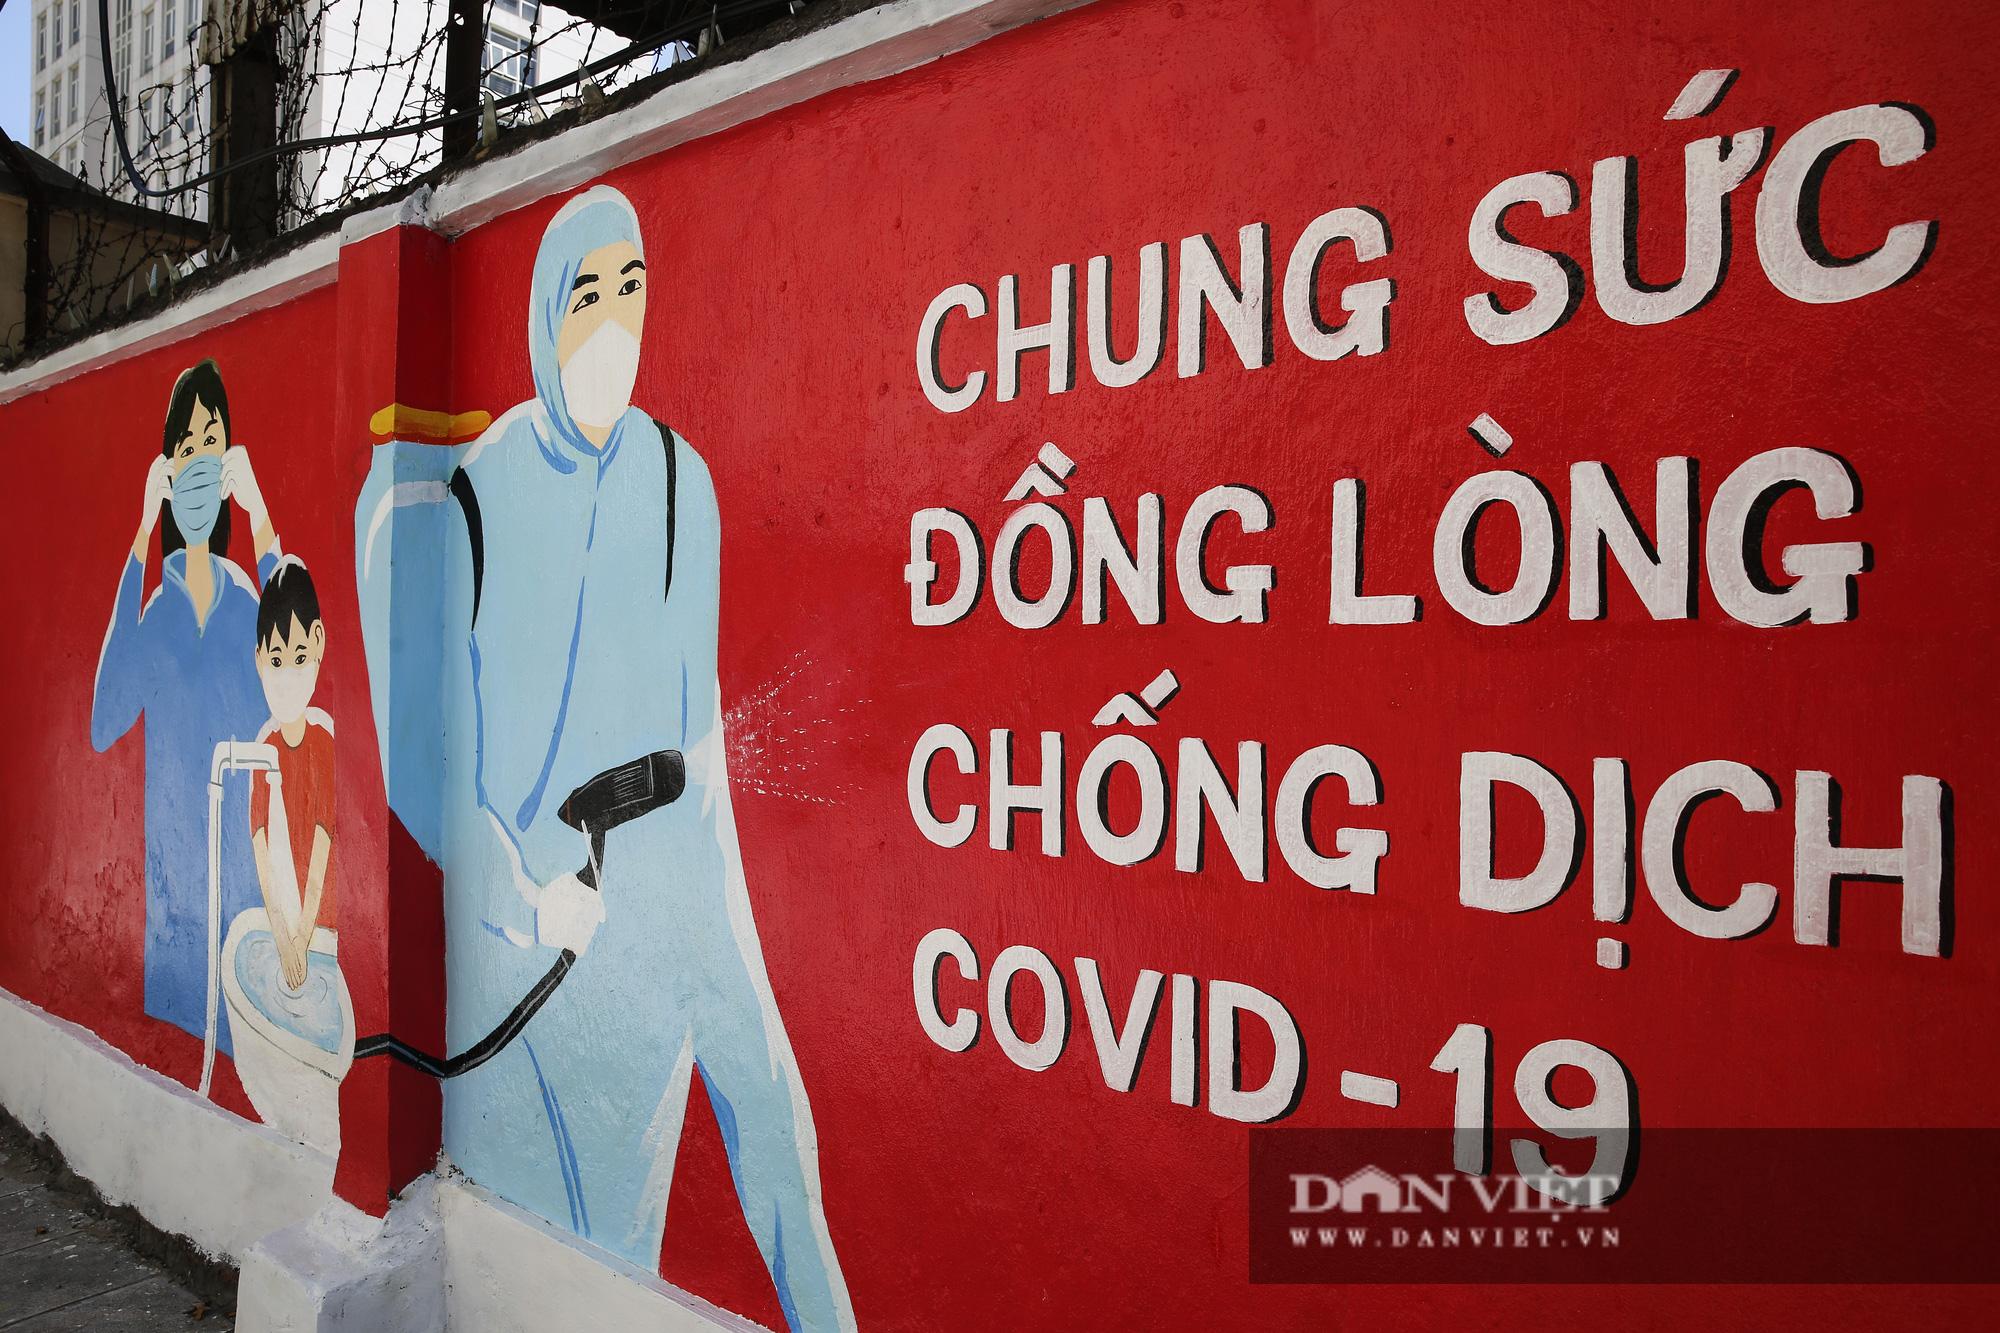 Bích họa phòng, chống dịch Covid-19 nổi bật trên các tuyến đường tại Hà Nội - Ảnh 6.